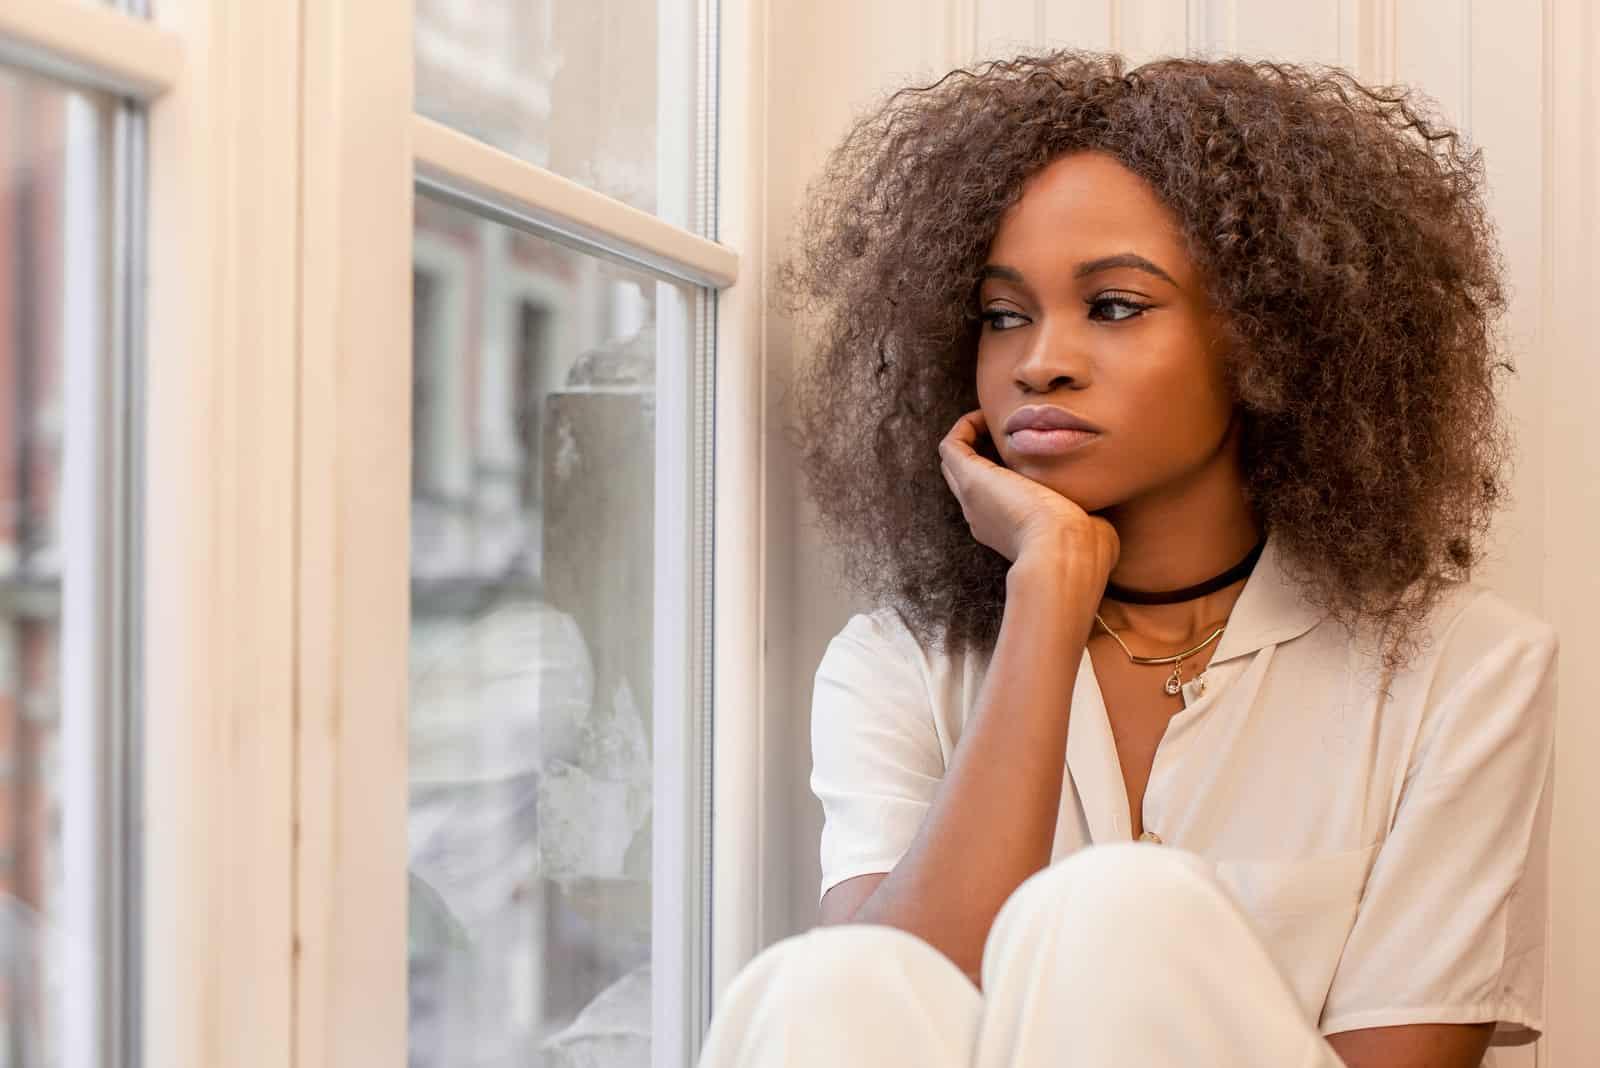 une femme aux cheveux crépus est assise près de la fenêtre